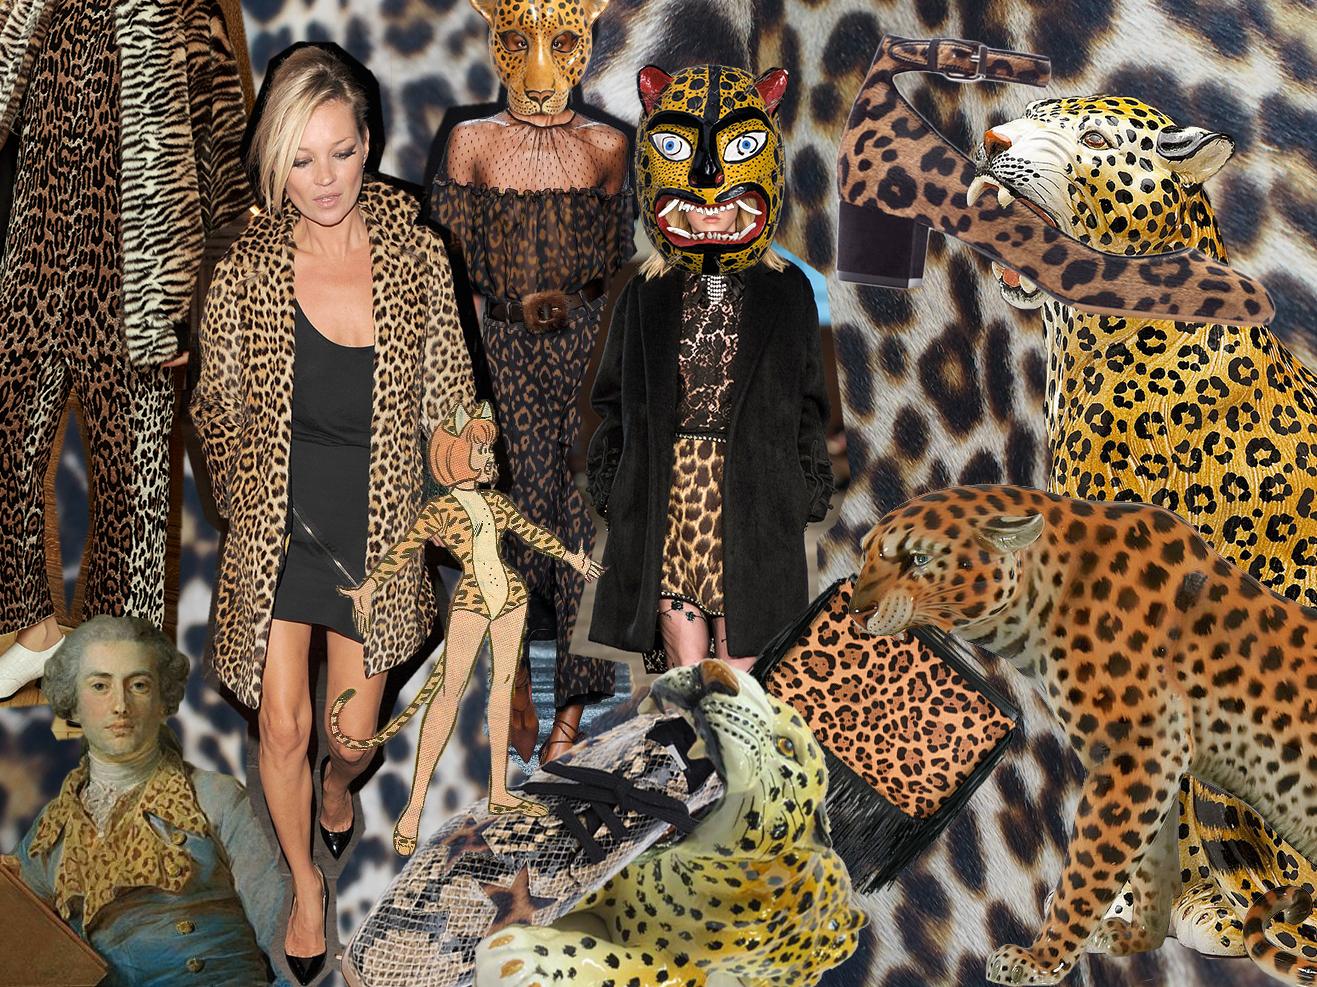 leopard-collage.jpg